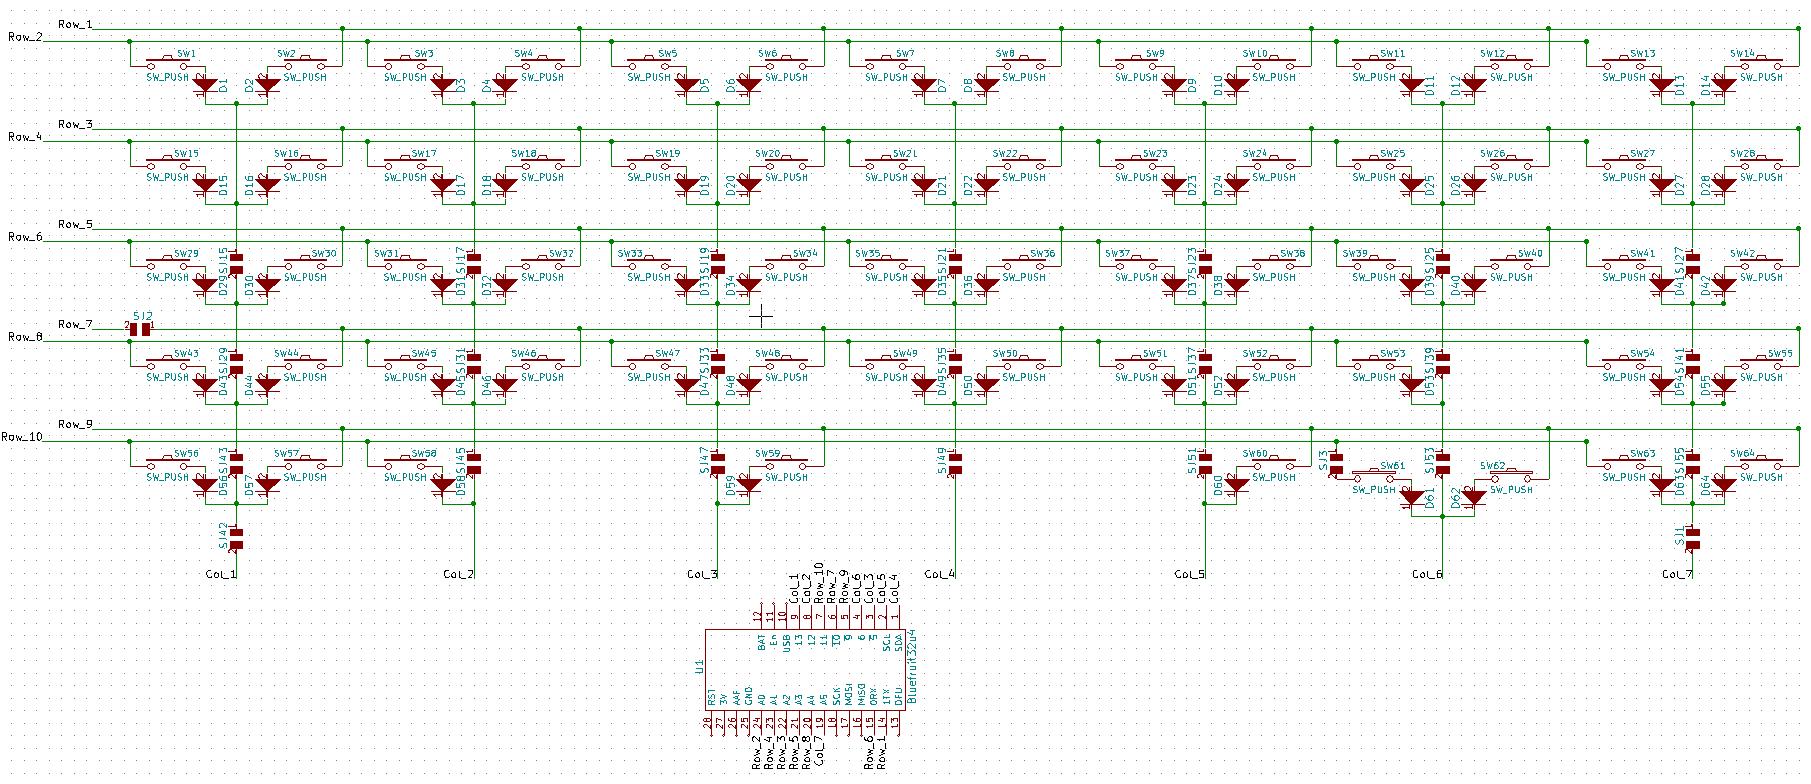 Keyboard Pcb Schematic - Wiring Diagrams Plug